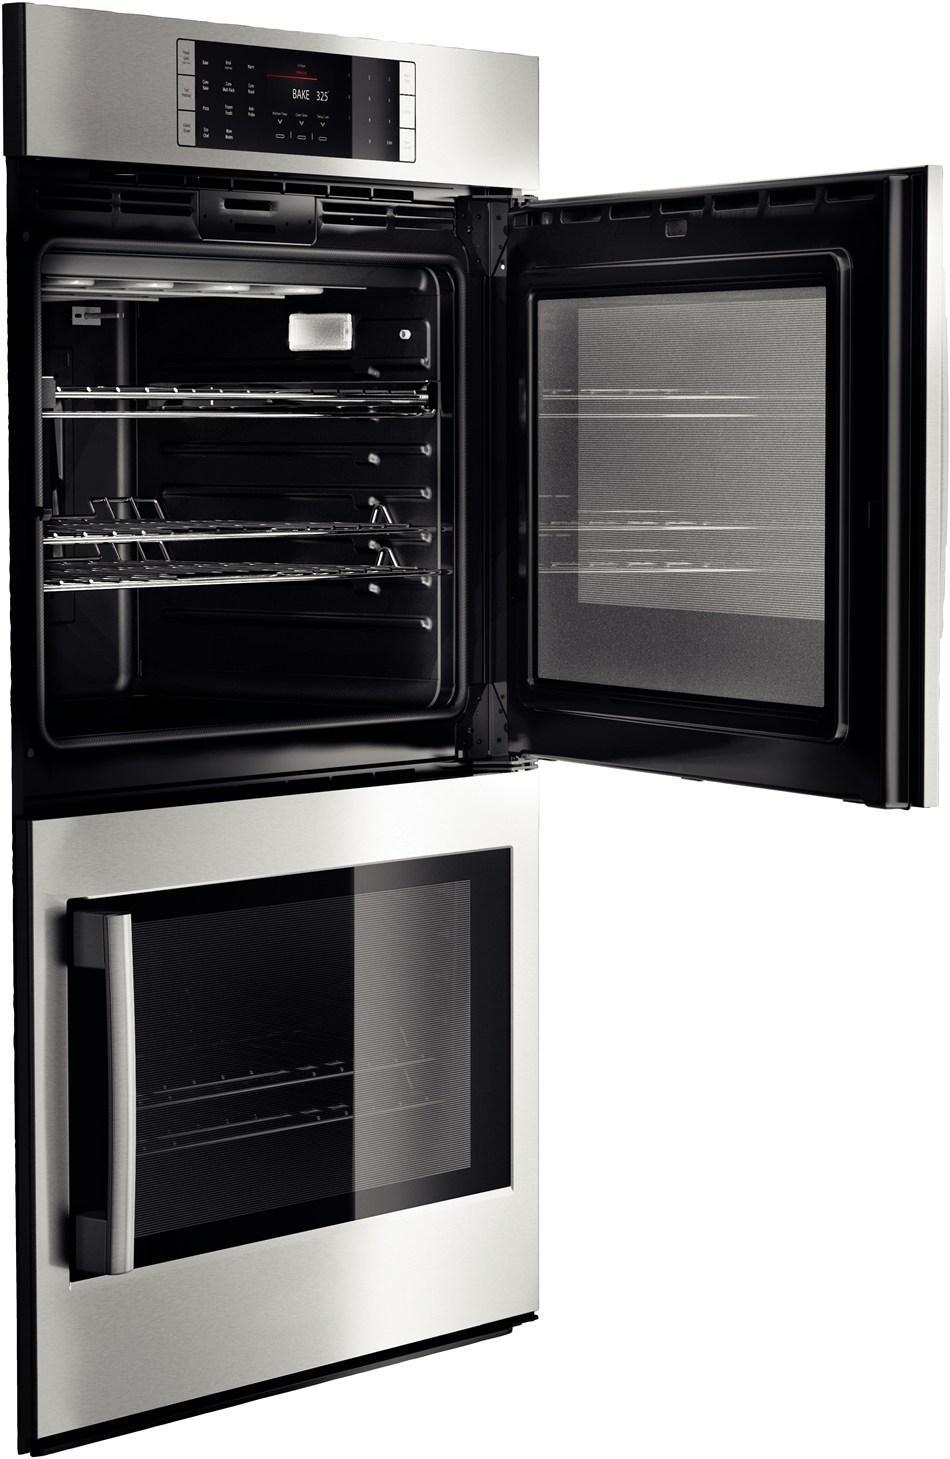 Hblp651 Bosch Benchmark Hblp651 Double Wall Ovens